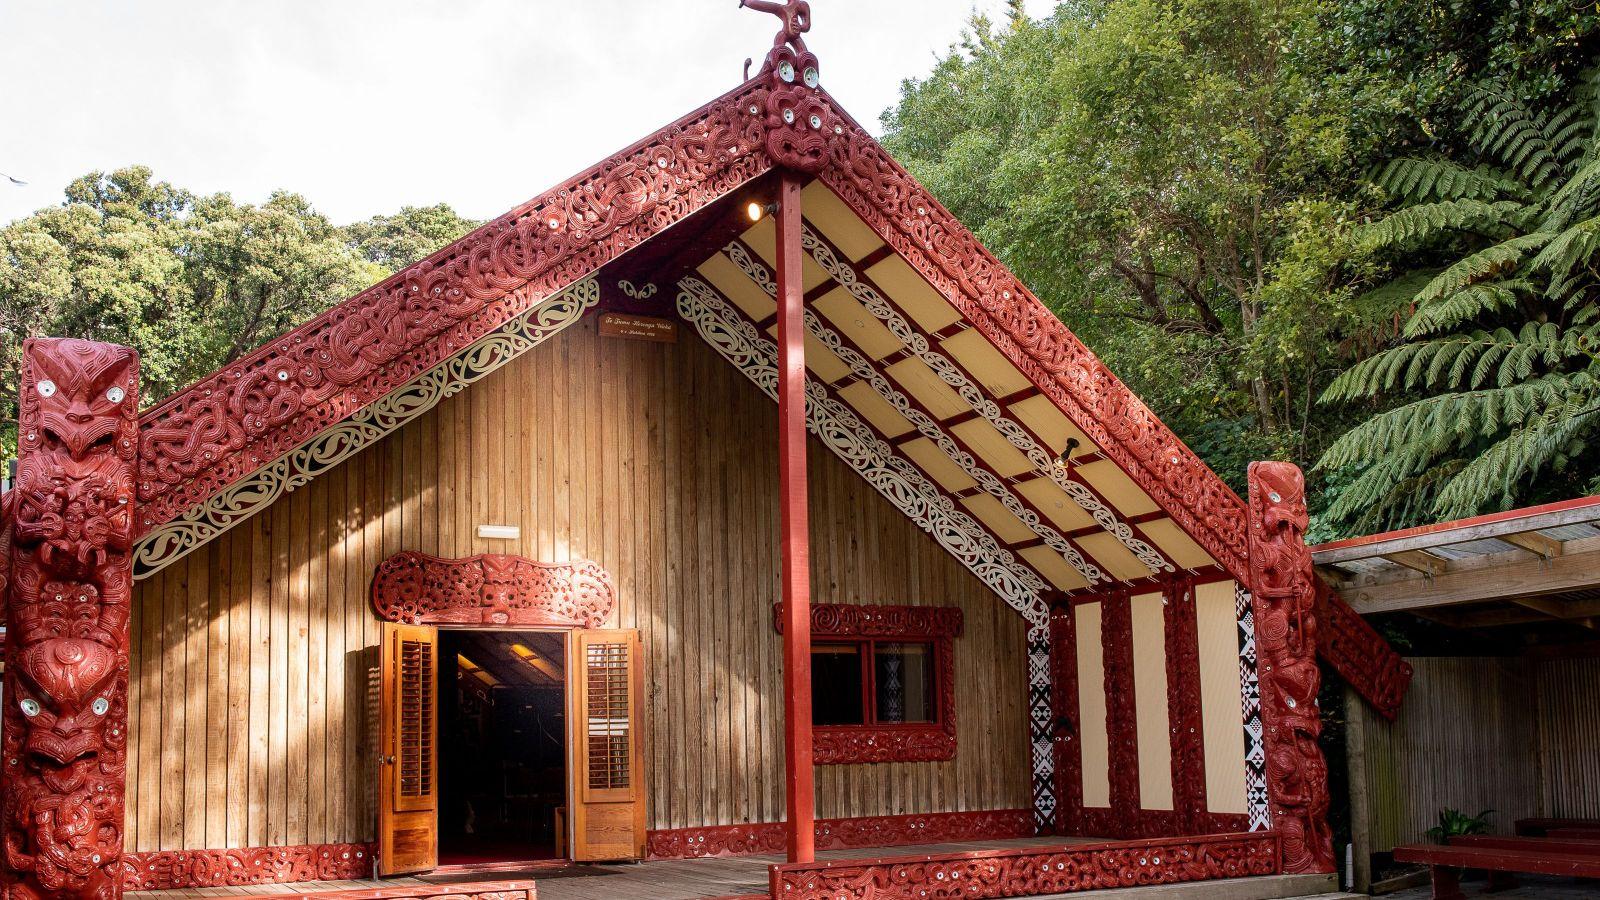 The whānau lab represented by an image of te herenga waka marae